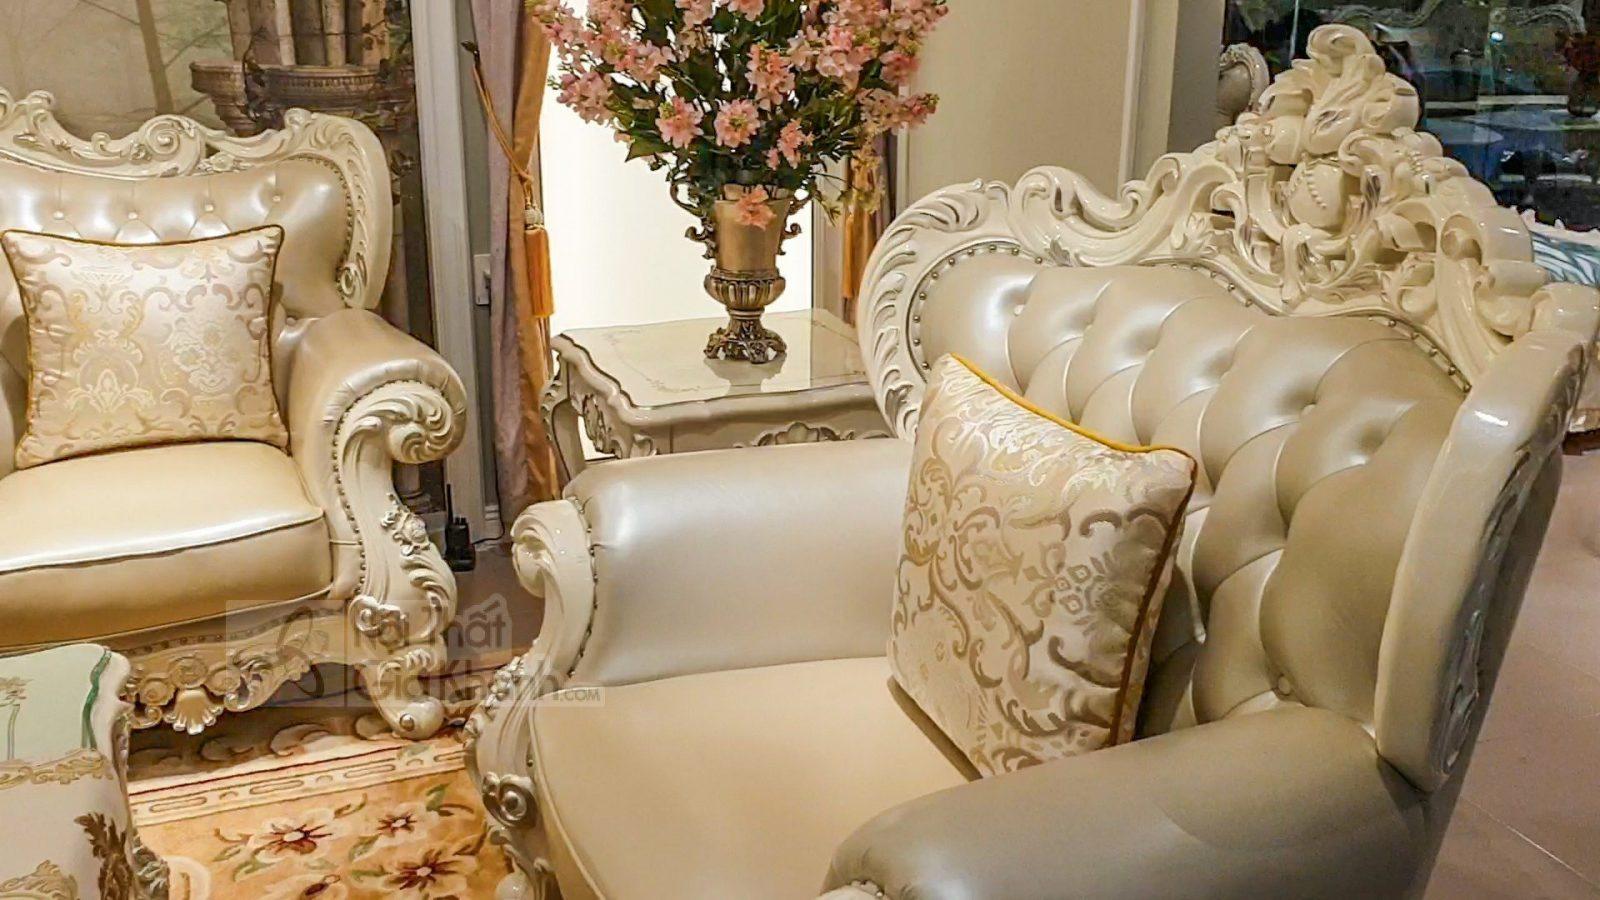 bo ghe sofa tan co dien sang trong cho phong khach sb931h 123 4 - Bộ ghế sofa tân cổ điển sang trọng cho phòng khách SB931H-123